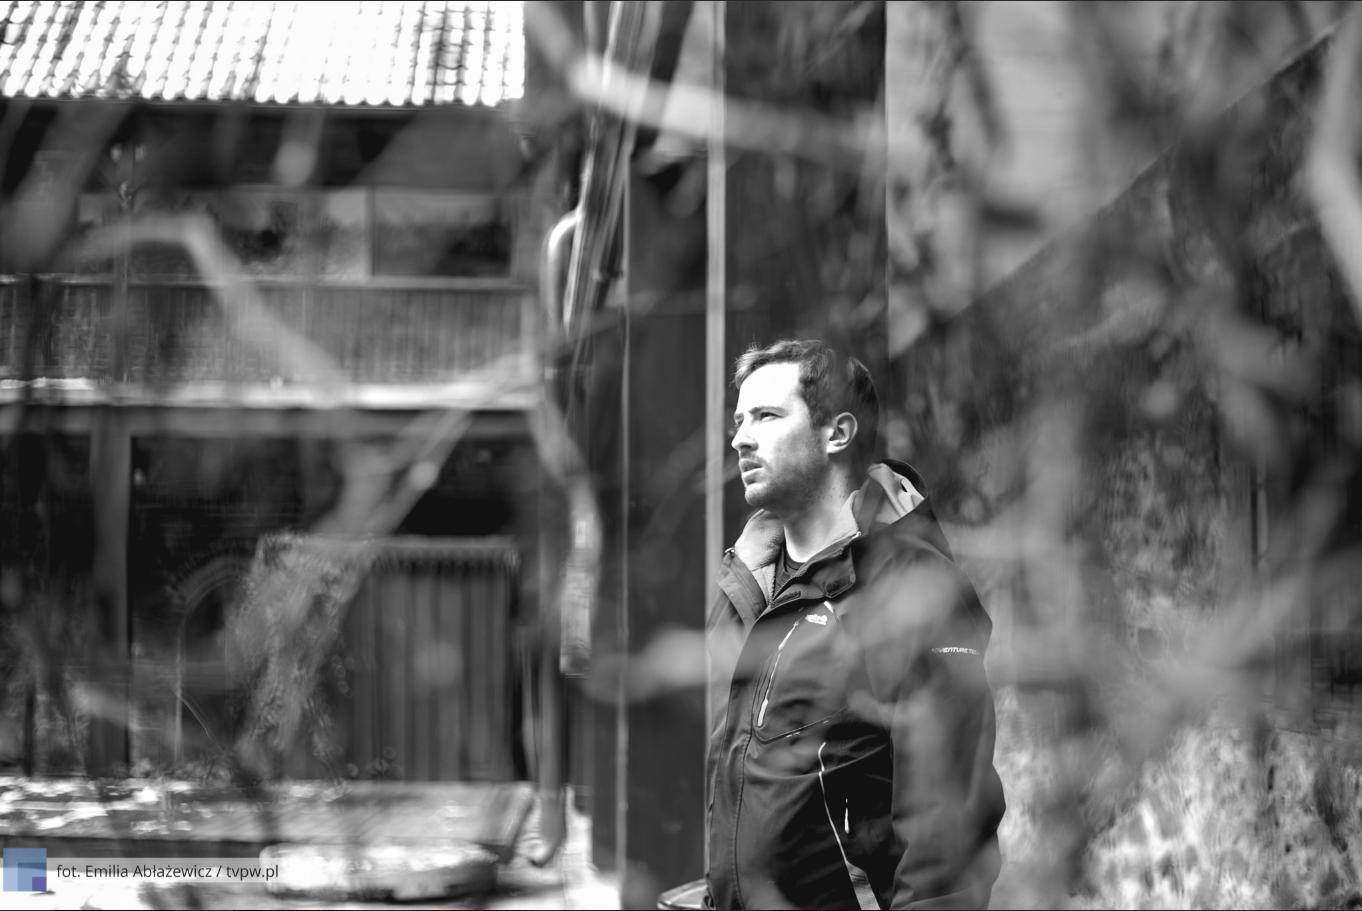 INTERVIEW WITH CINEMATOGRAPHER TOMASZ JANUSZEWSKI